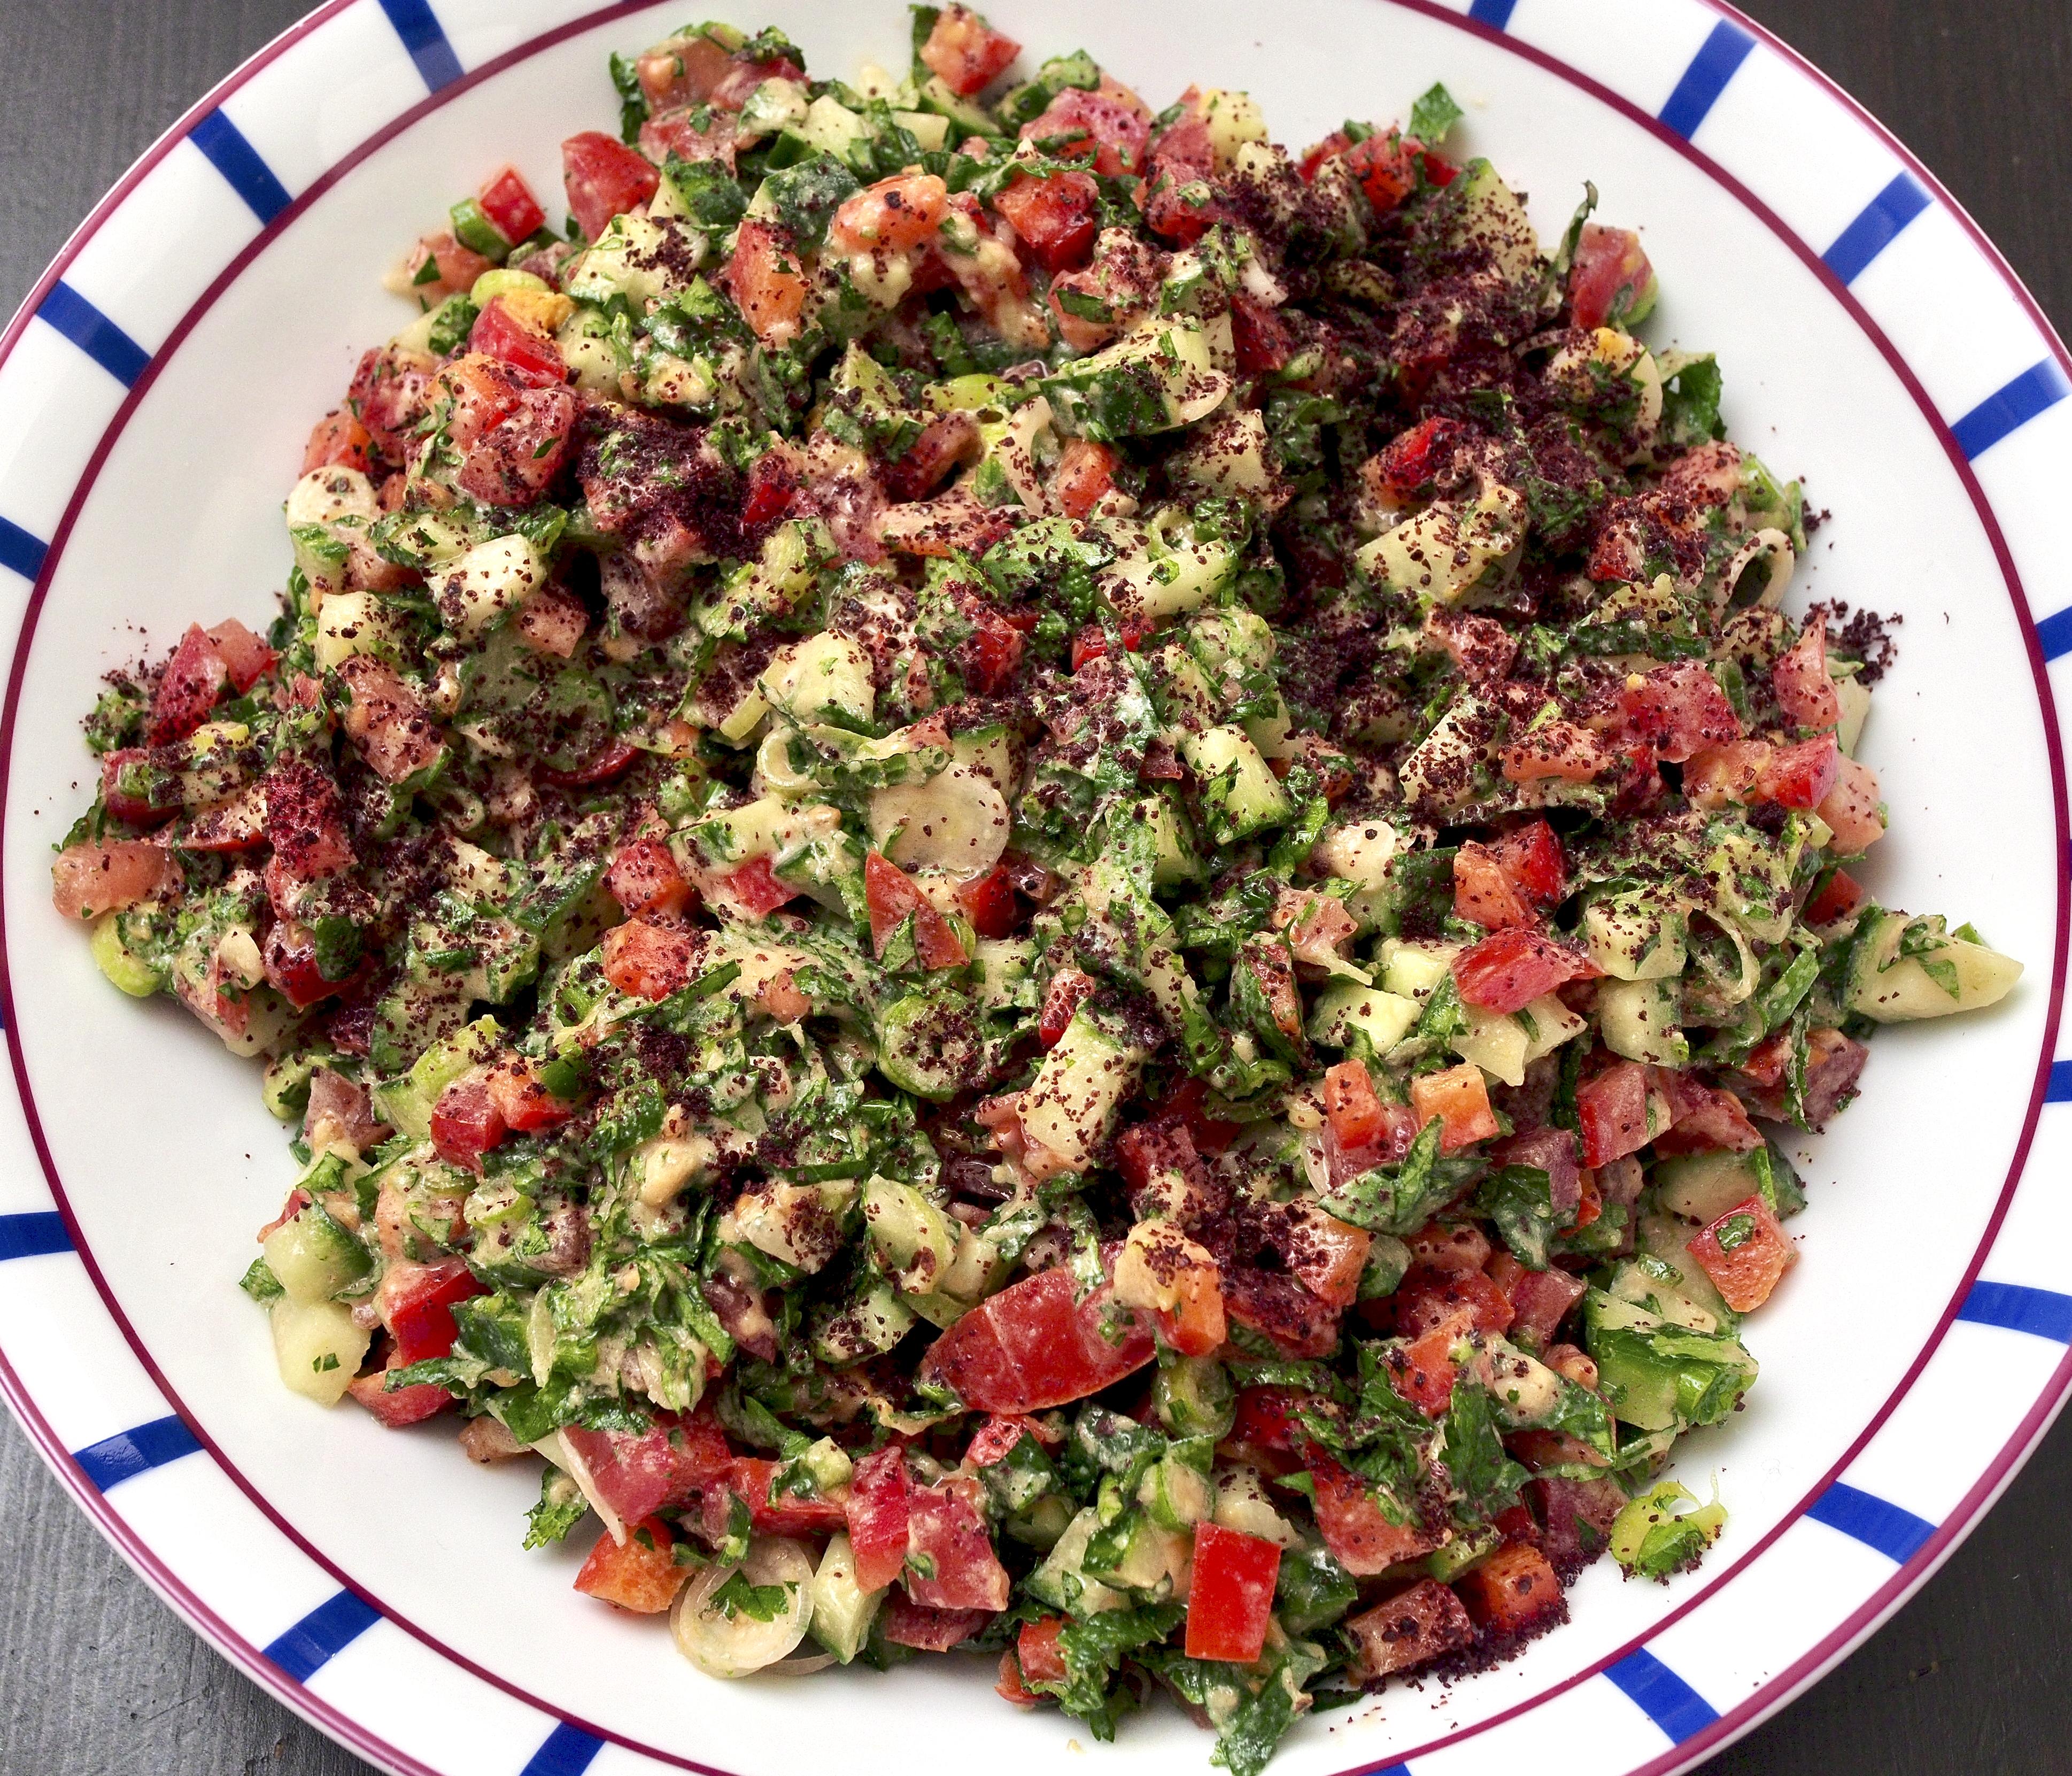 Falastin Chopped Salad